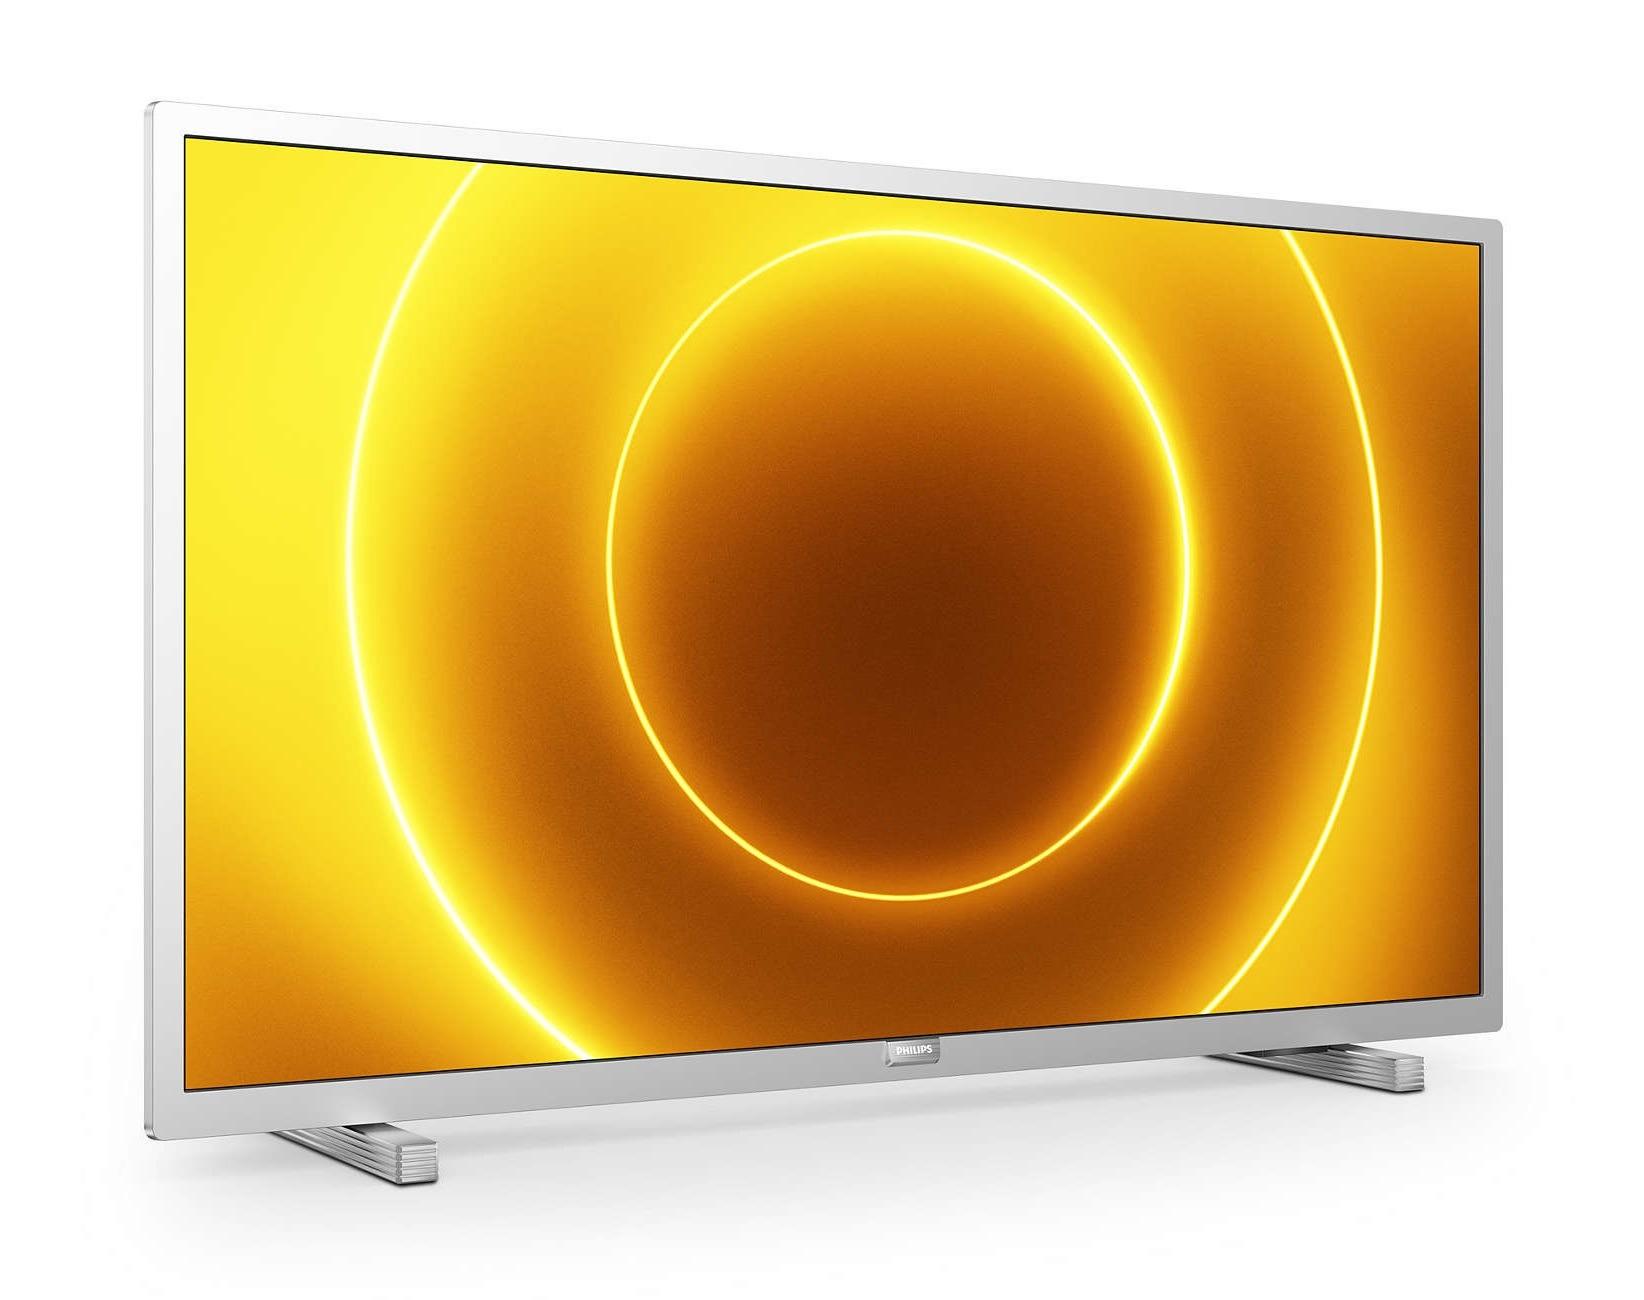 Korting Philips 32PHS5525 12 LED TV